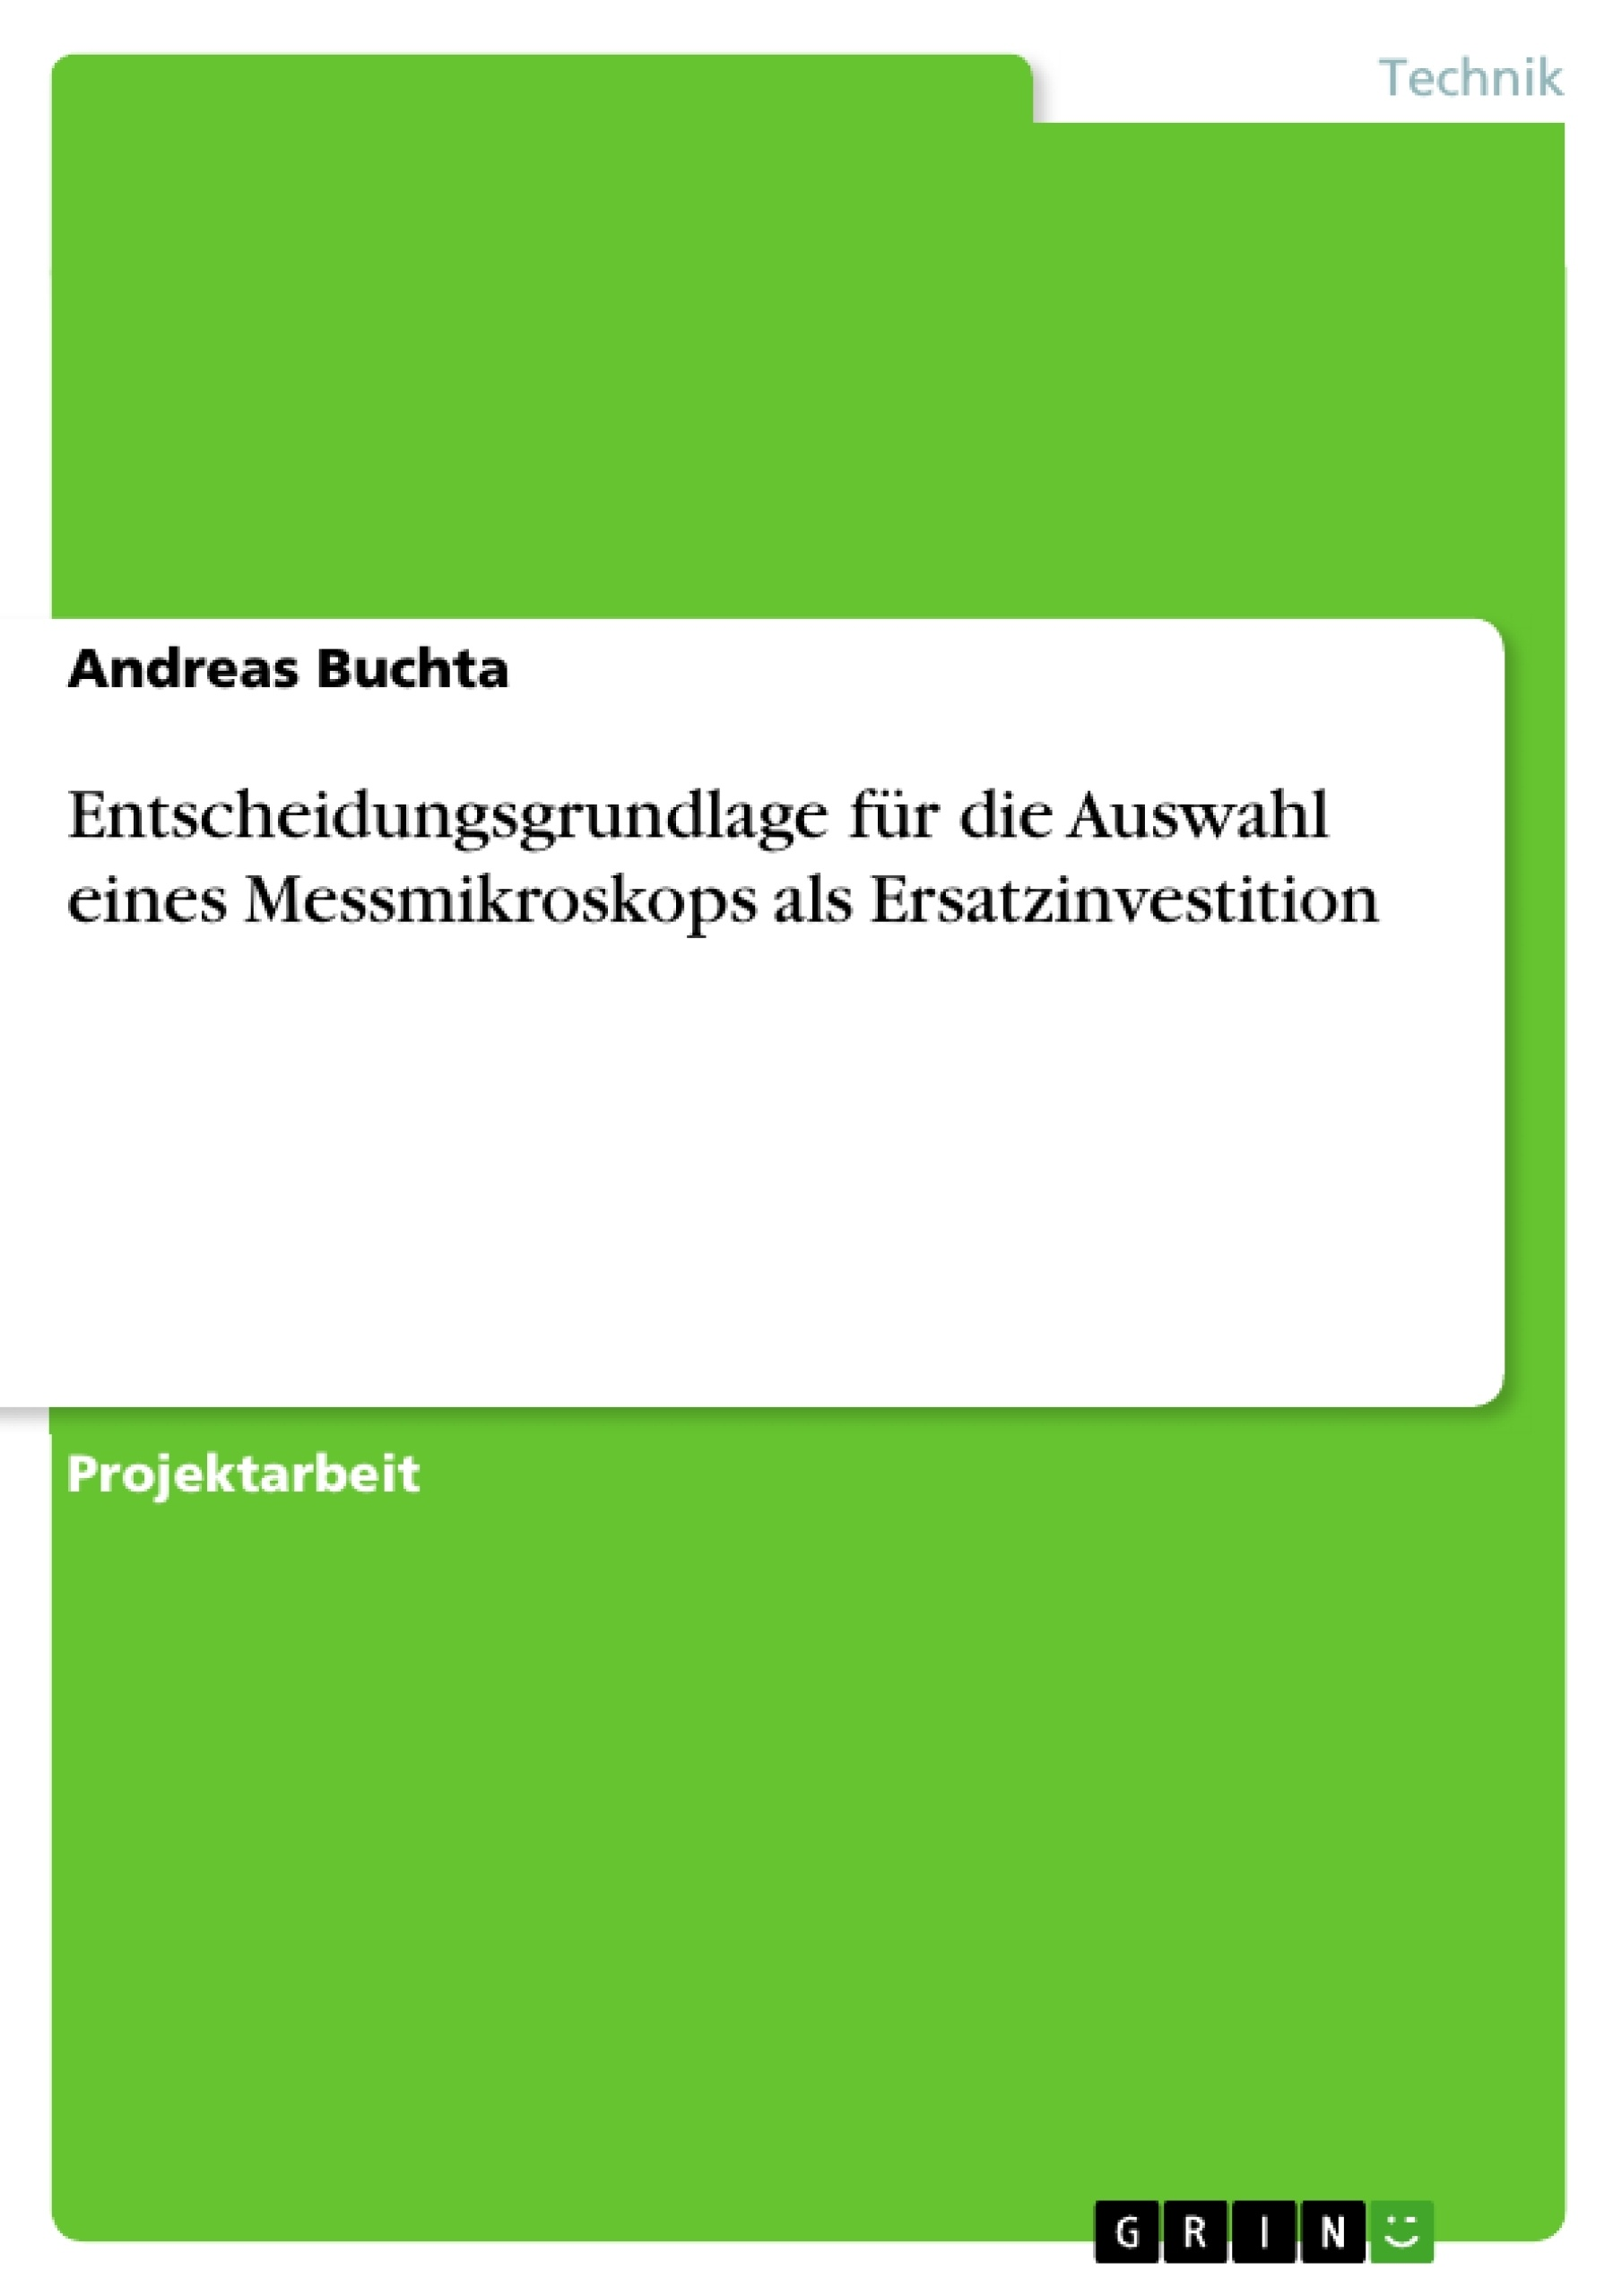 Titel: Entscheidungsgrundlage für die Auswahl eines Messmikroskops als Ersatzinvestition